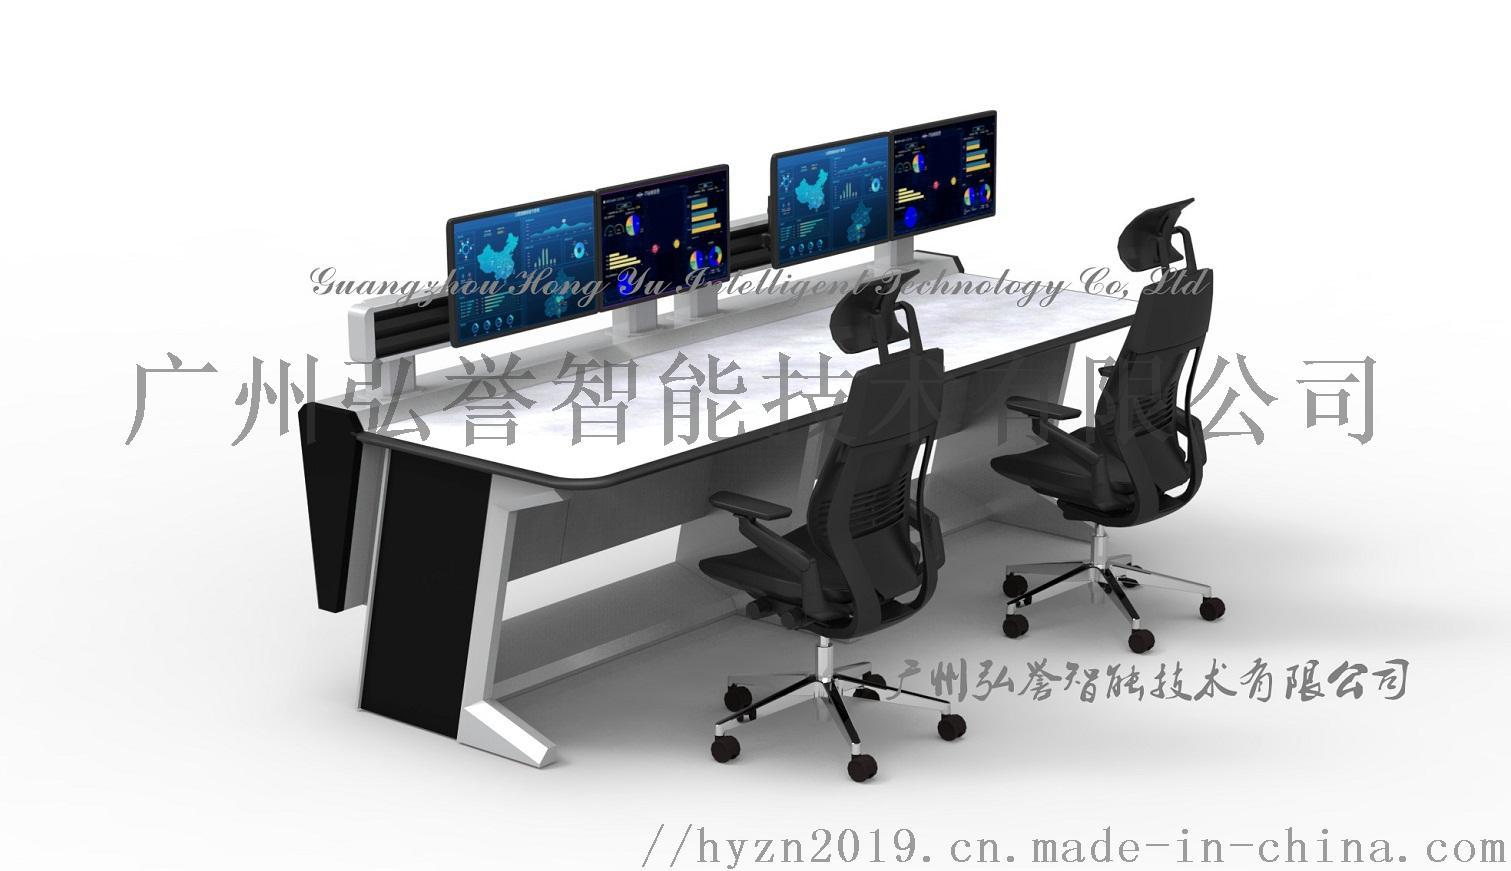 珠海检察院-控制台01_副本.jpg